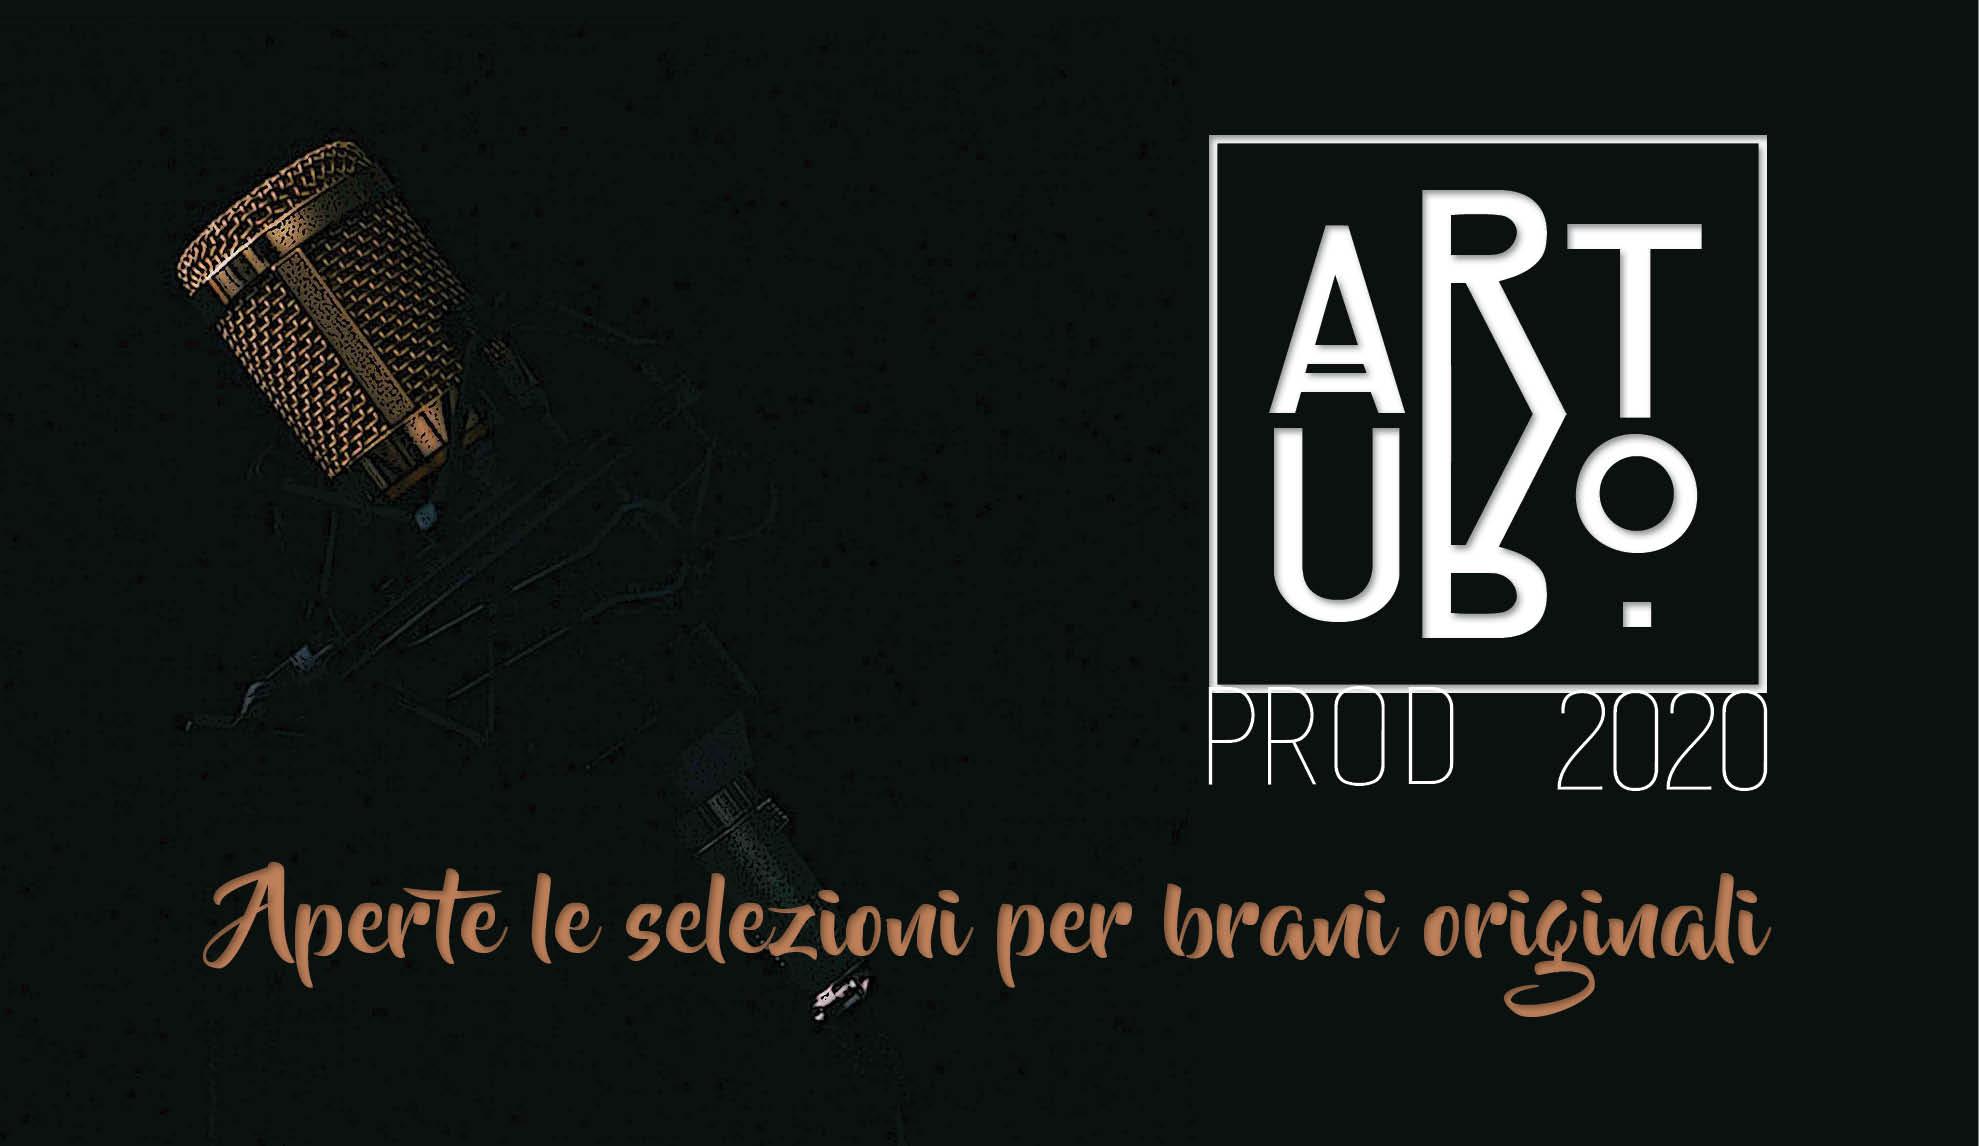 Arturo Produzione 2020